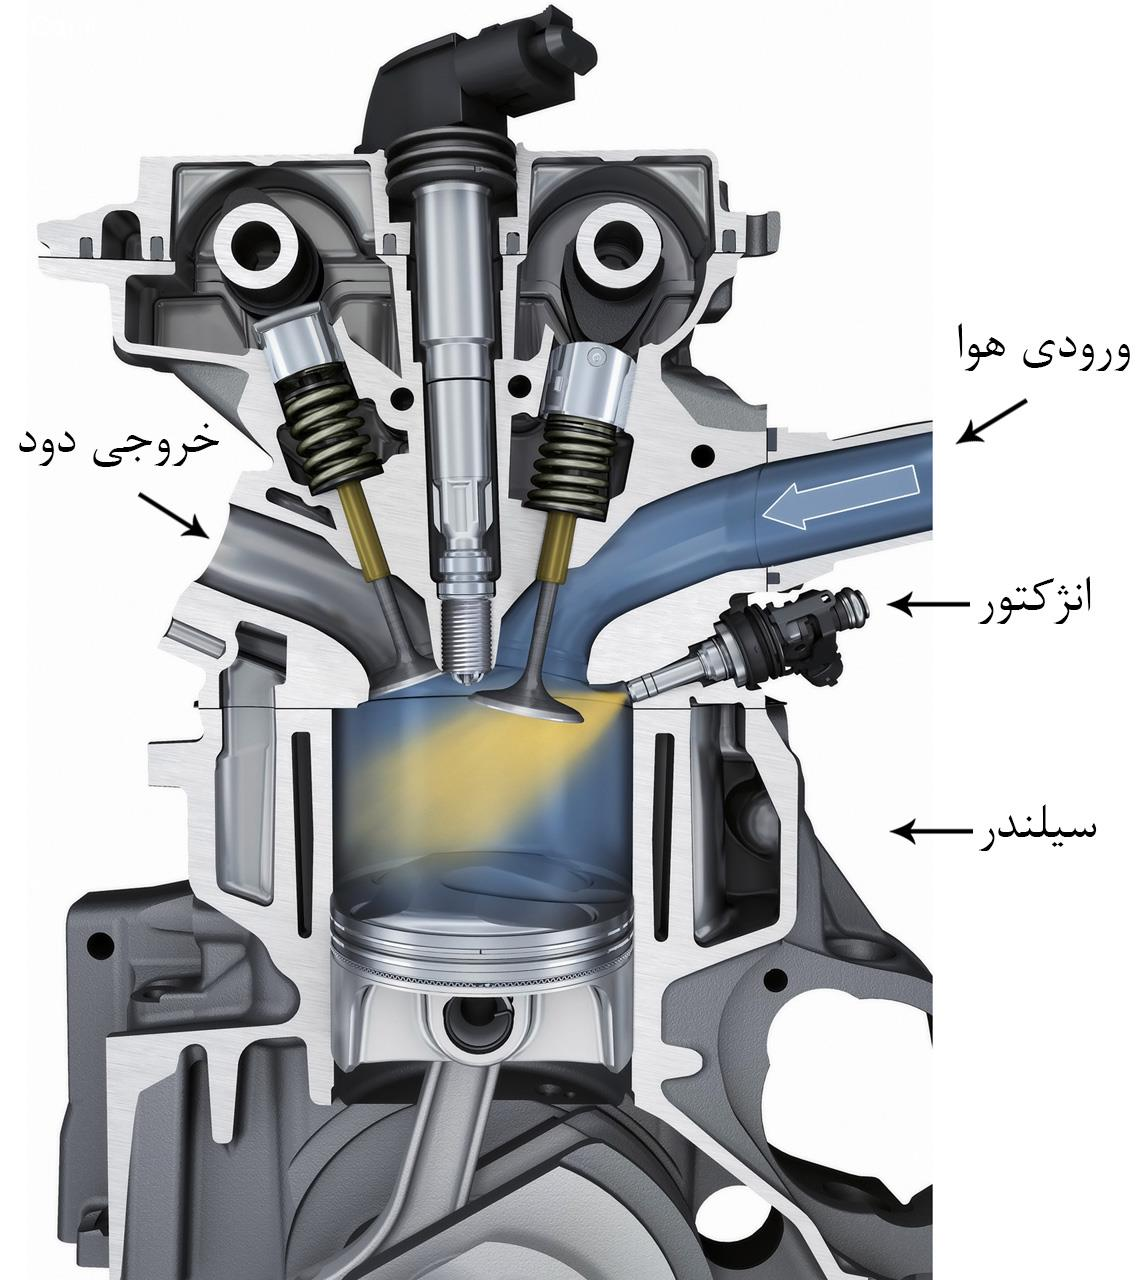 تفاوت خودروهای انژکتوری و کاربراتوری